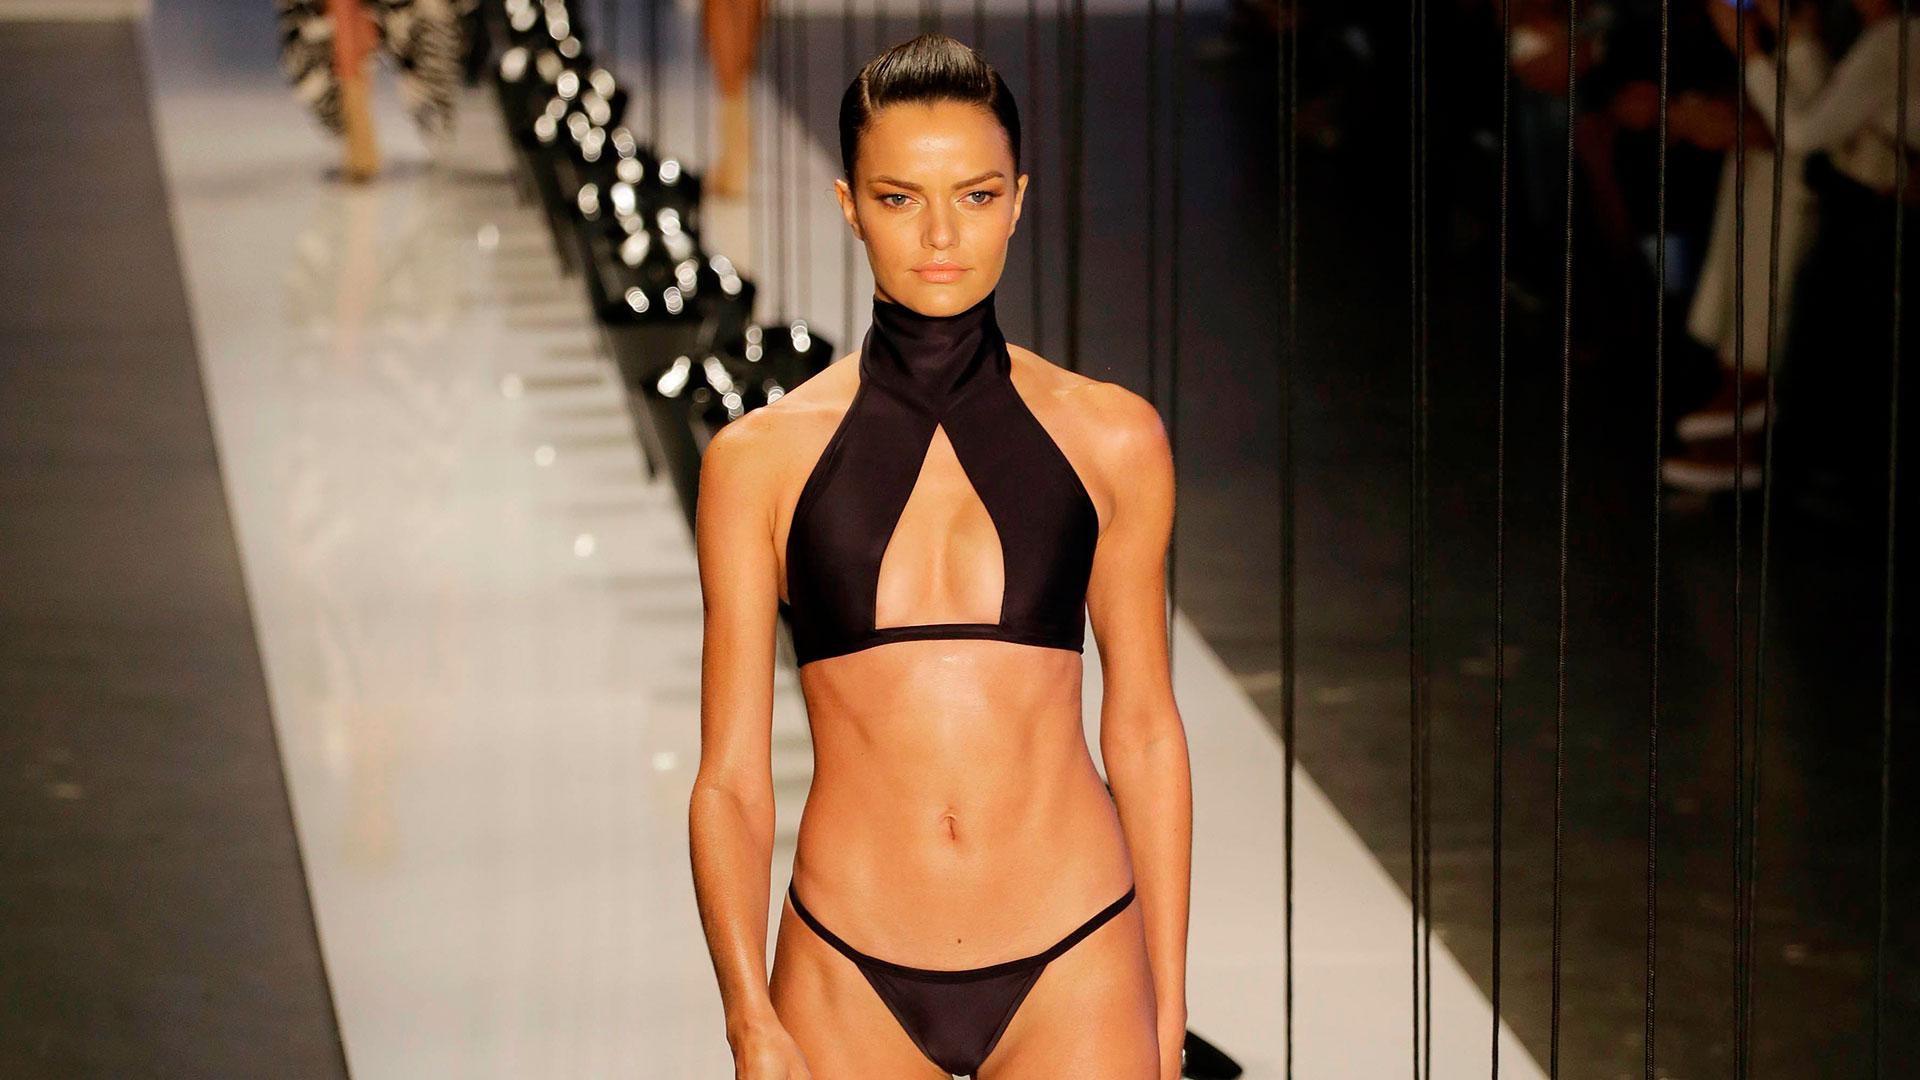 653e53b554a9 MUSA Argentina: inspira / expresa, revista de moda, belleza, estilo ...